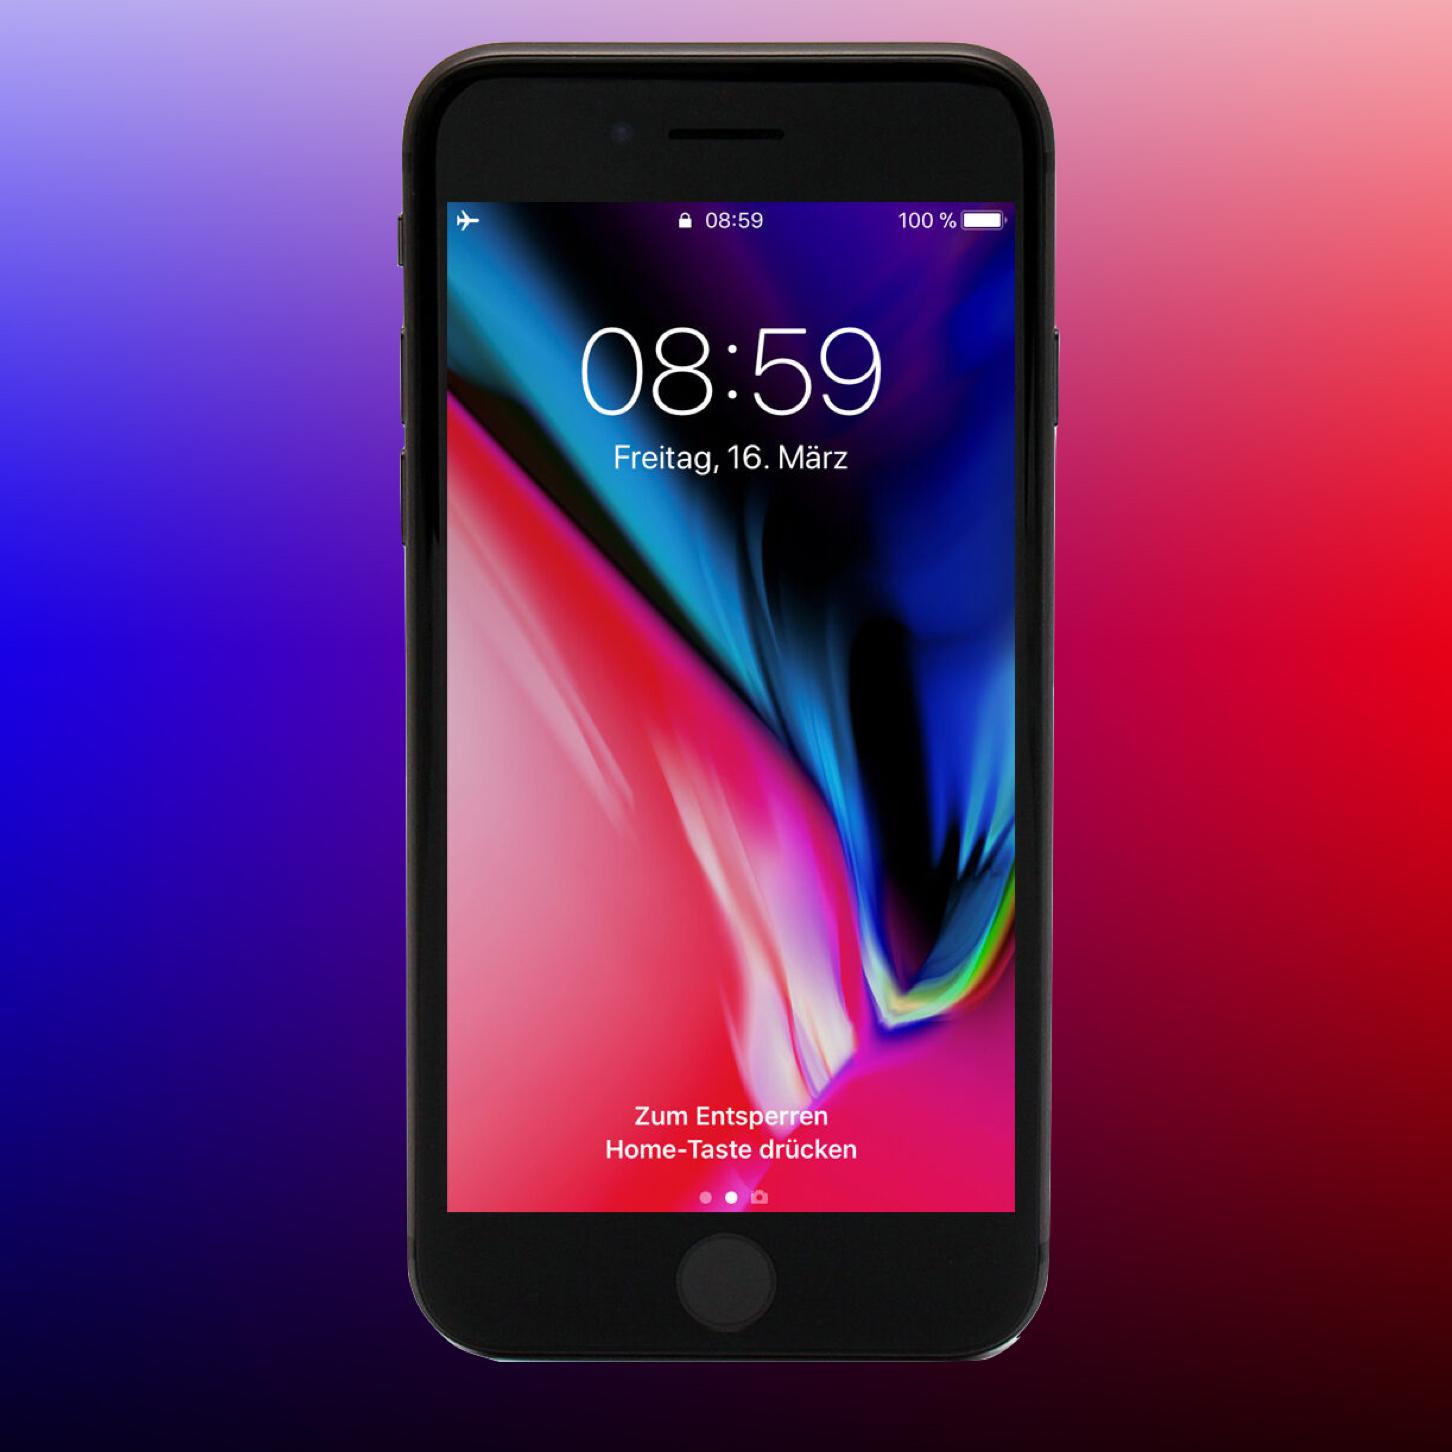 Otelo Allnet Max (20GB LTE) für mtl. 29,99€ mit Apple iPhone 8 (64GB) für 33,99€ Zuzahlung im Vodafone-Netz